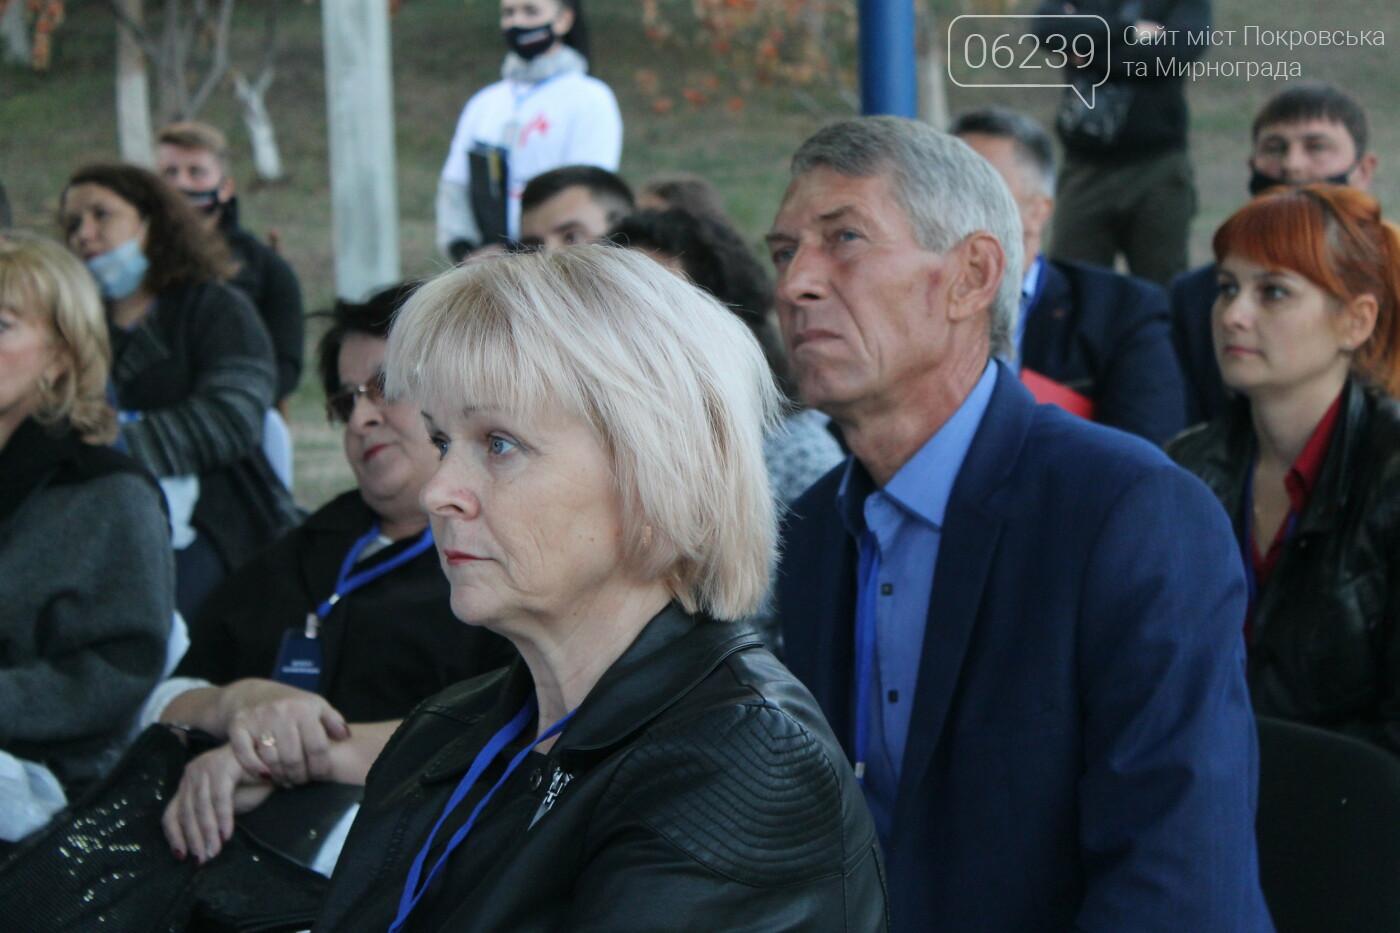 Состоялась объединенная областная конференция партии «Порядок», фото-56